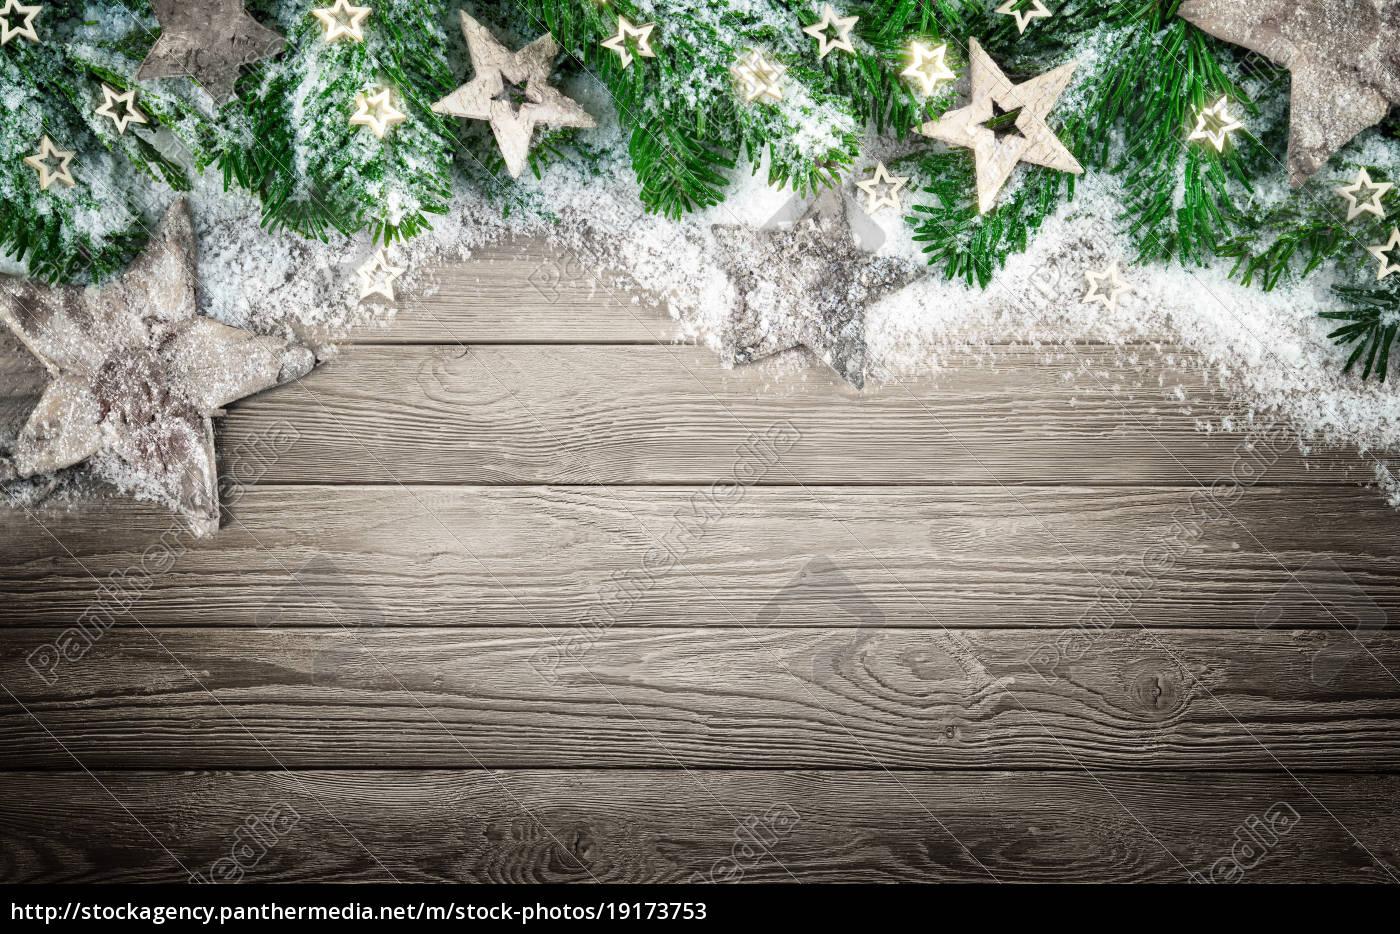 Hintergrund Weihnachten.Stockfoto 19173753 Hintergrund Fur Weihnachten Und Advent Mit Holz Schnee Und